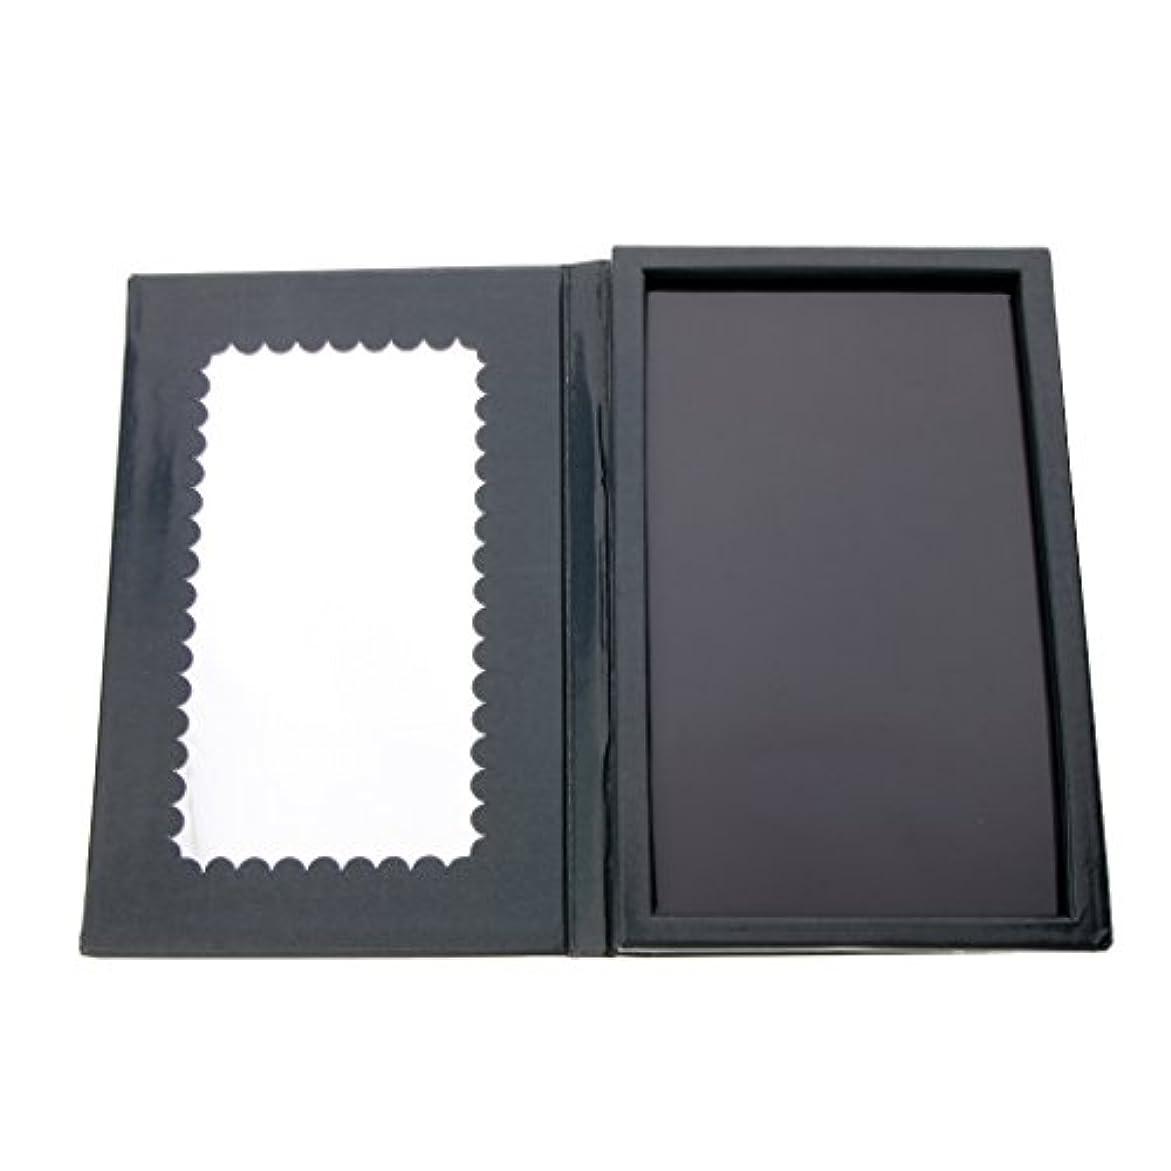 ピックギター大使館メイクアップ 空パレット 磁気パレット 化粧品ケース アイシャドウ パウダー 整理 保管 旅行 便利